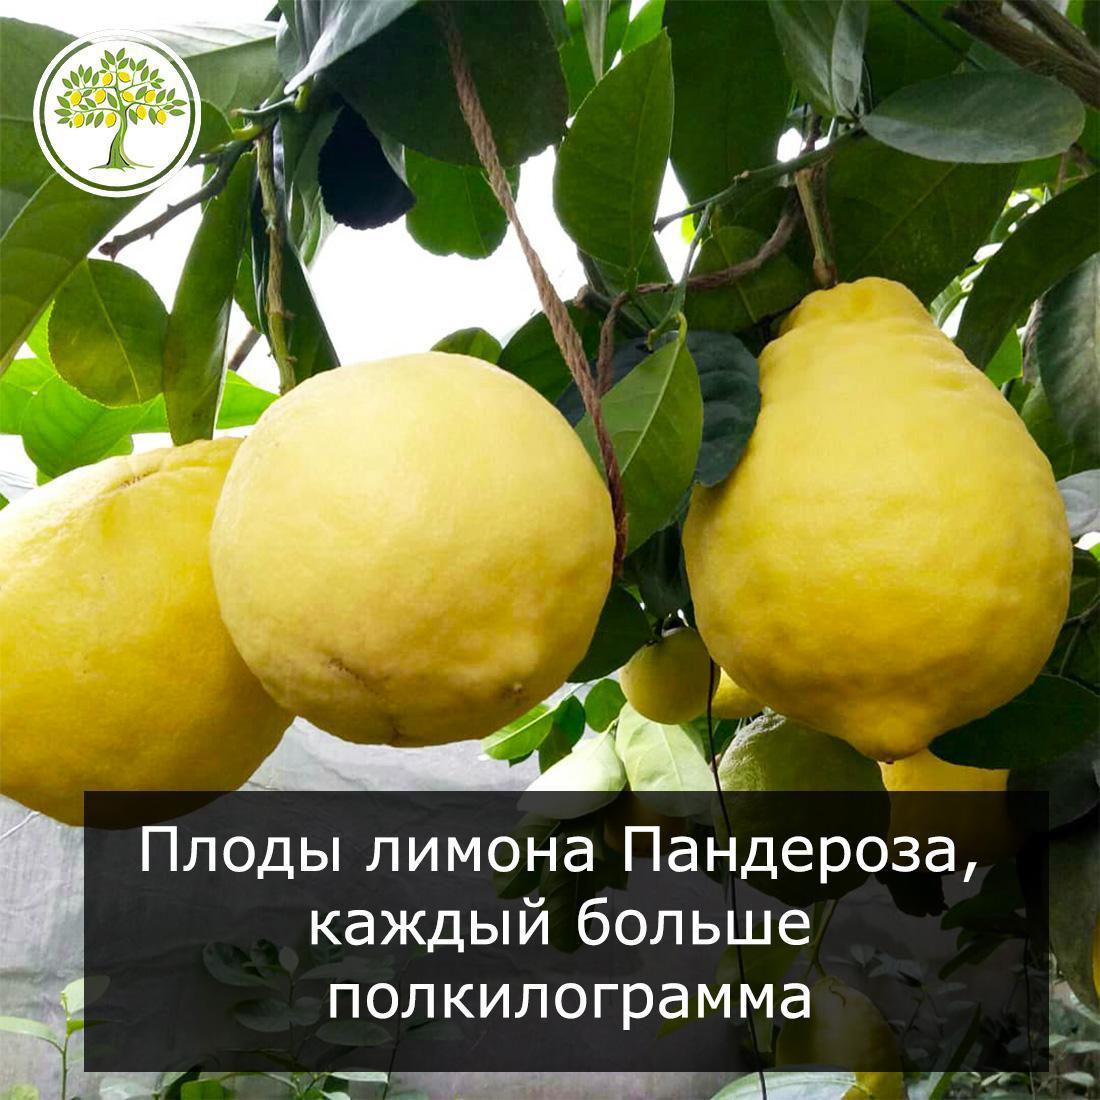 Лимон пандероза плоды на ветке фото